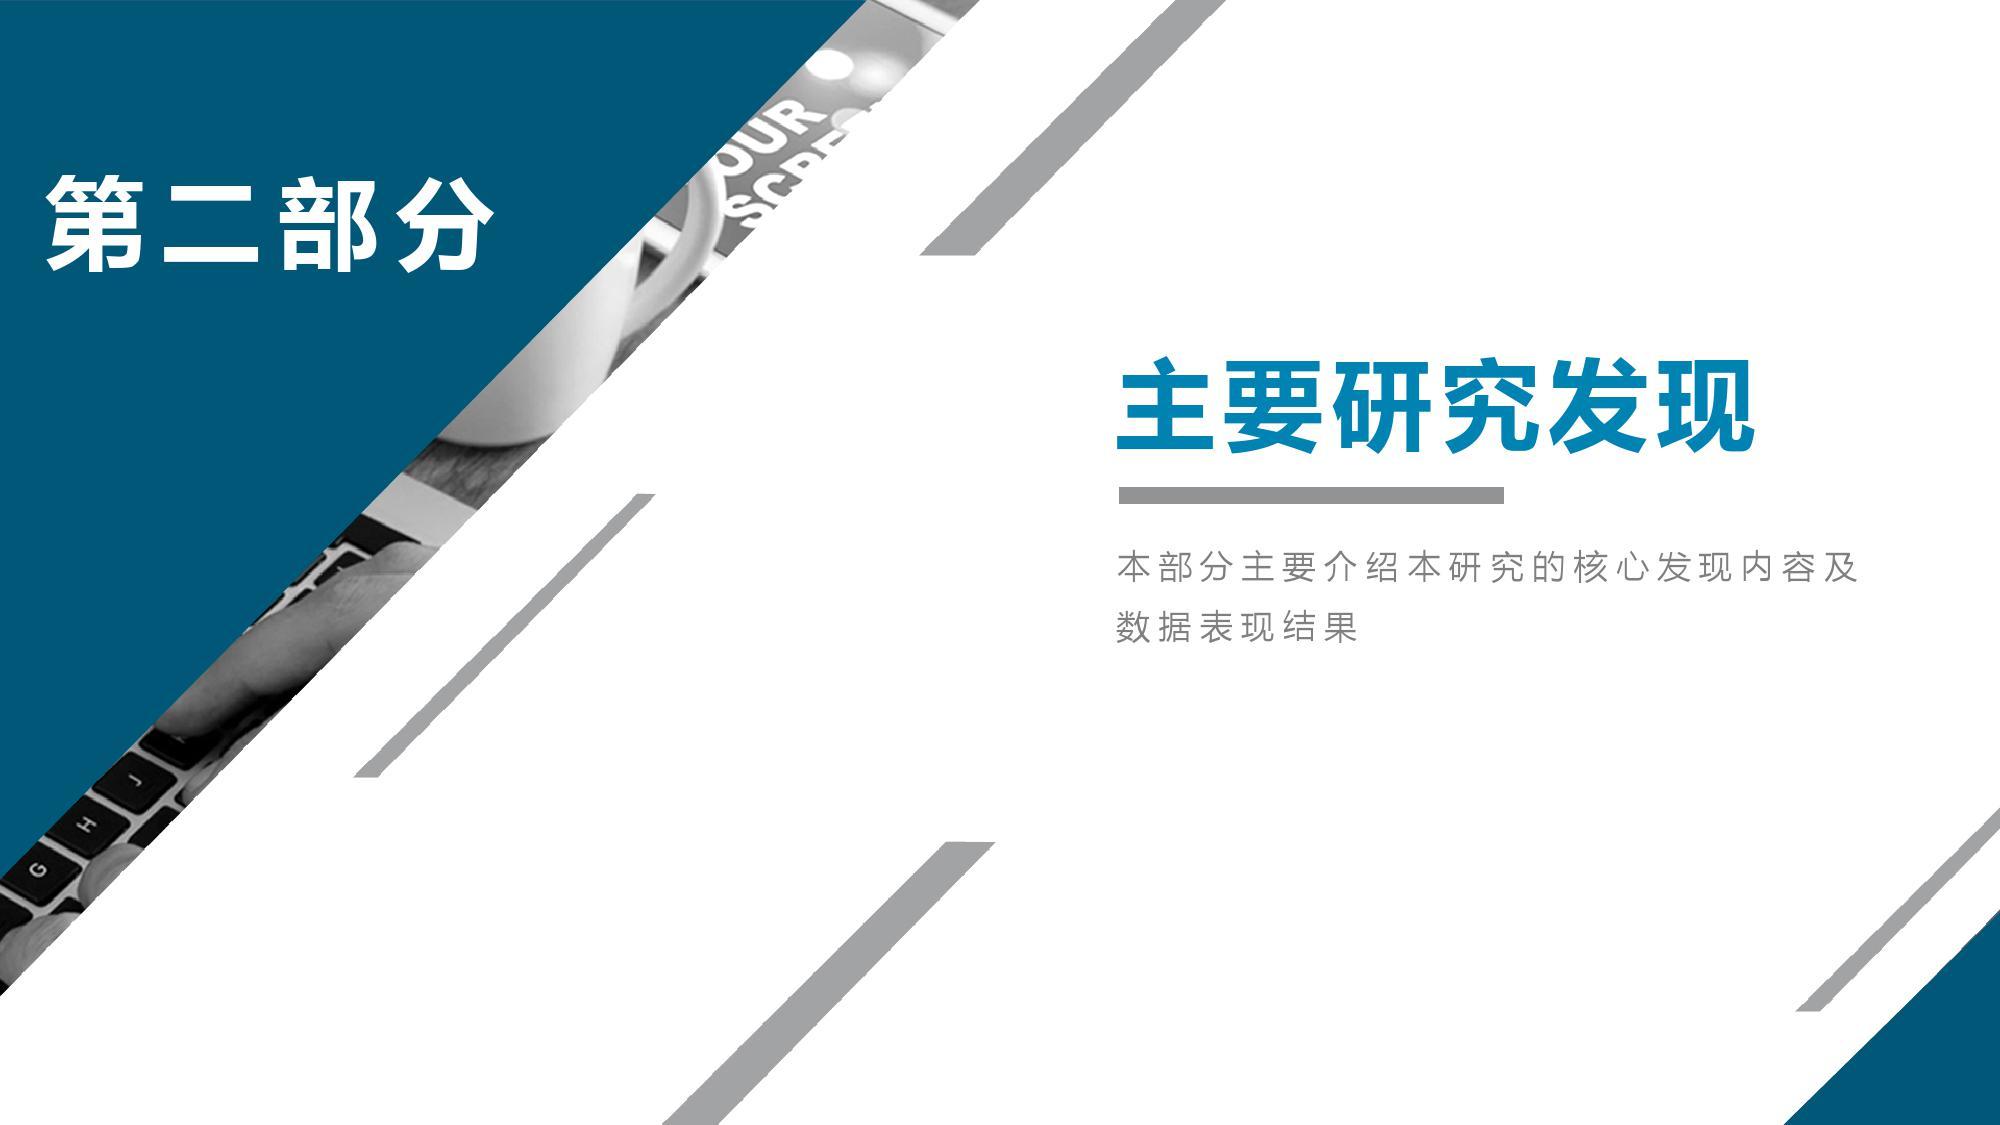 抖音 DTV 广告营销价值白皮书-CNMOAD 中文移动营销资讯 15